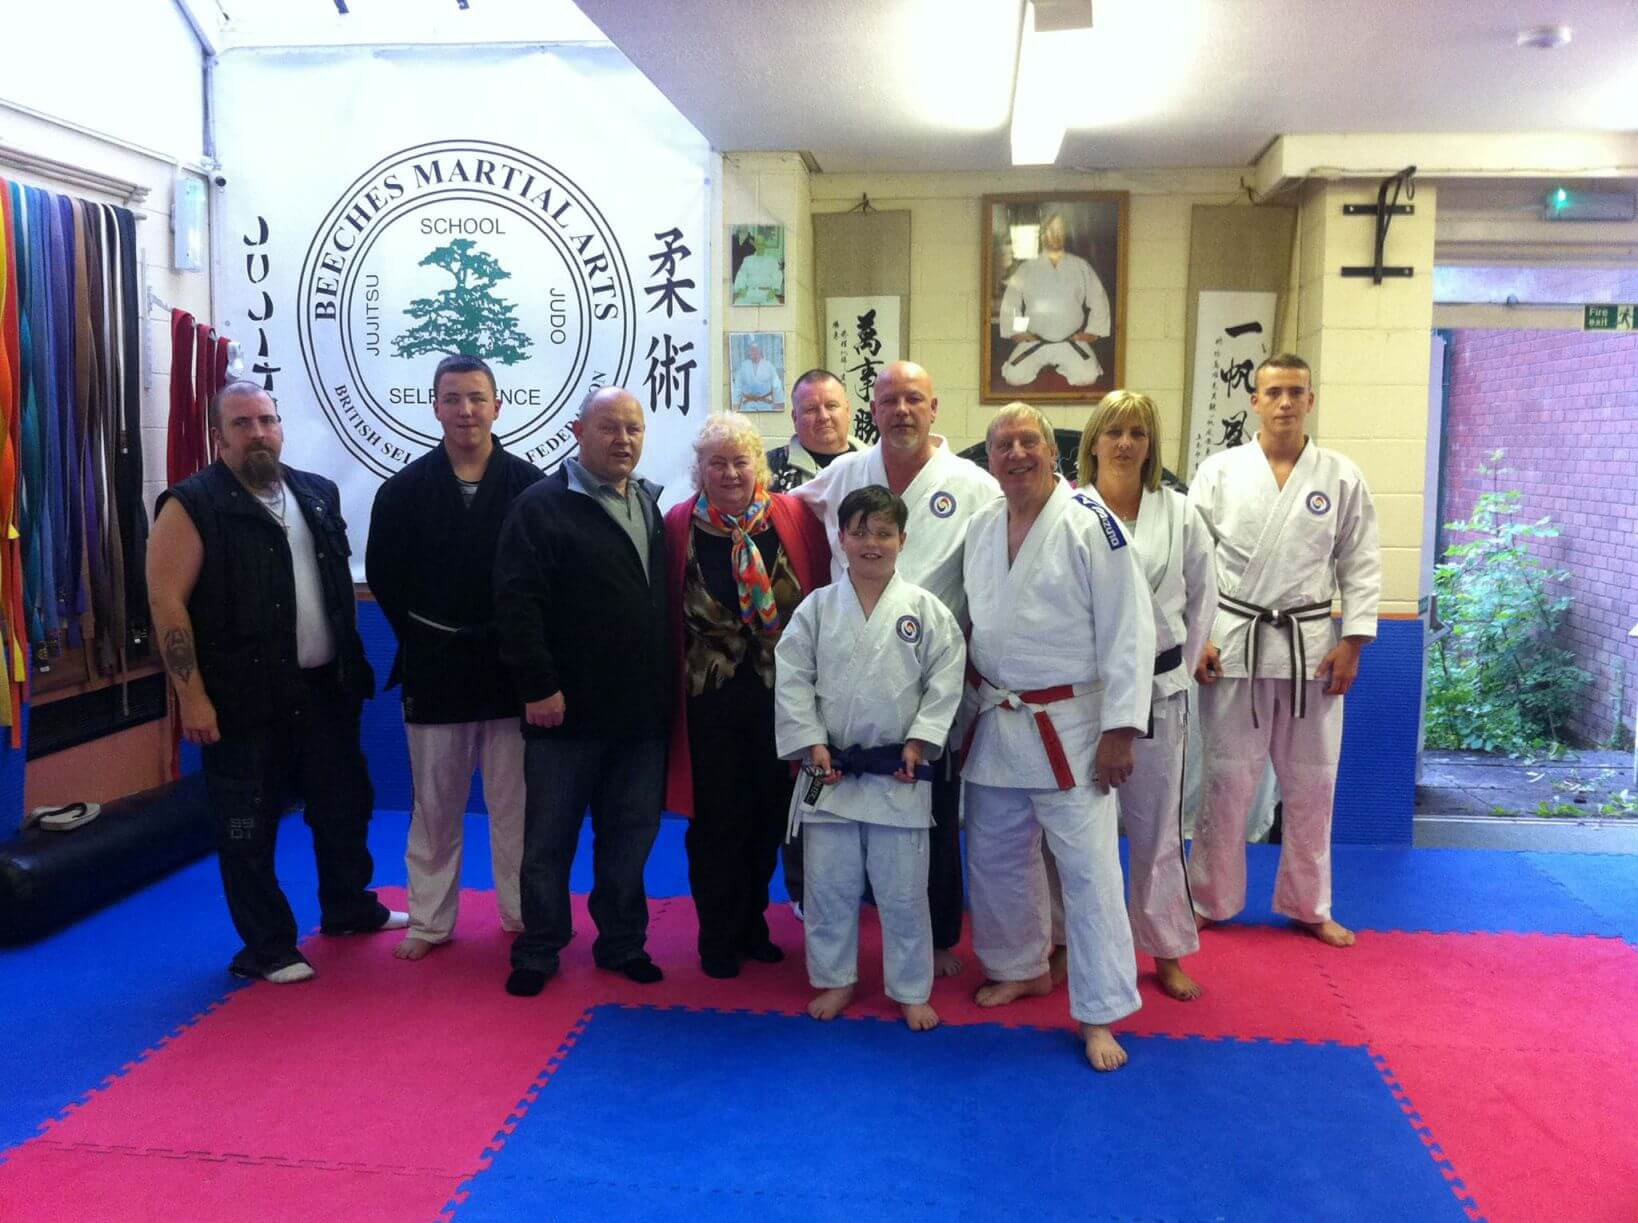 Beeches Martial Arts Birmingham   Self Defence   jujitsu & Judo